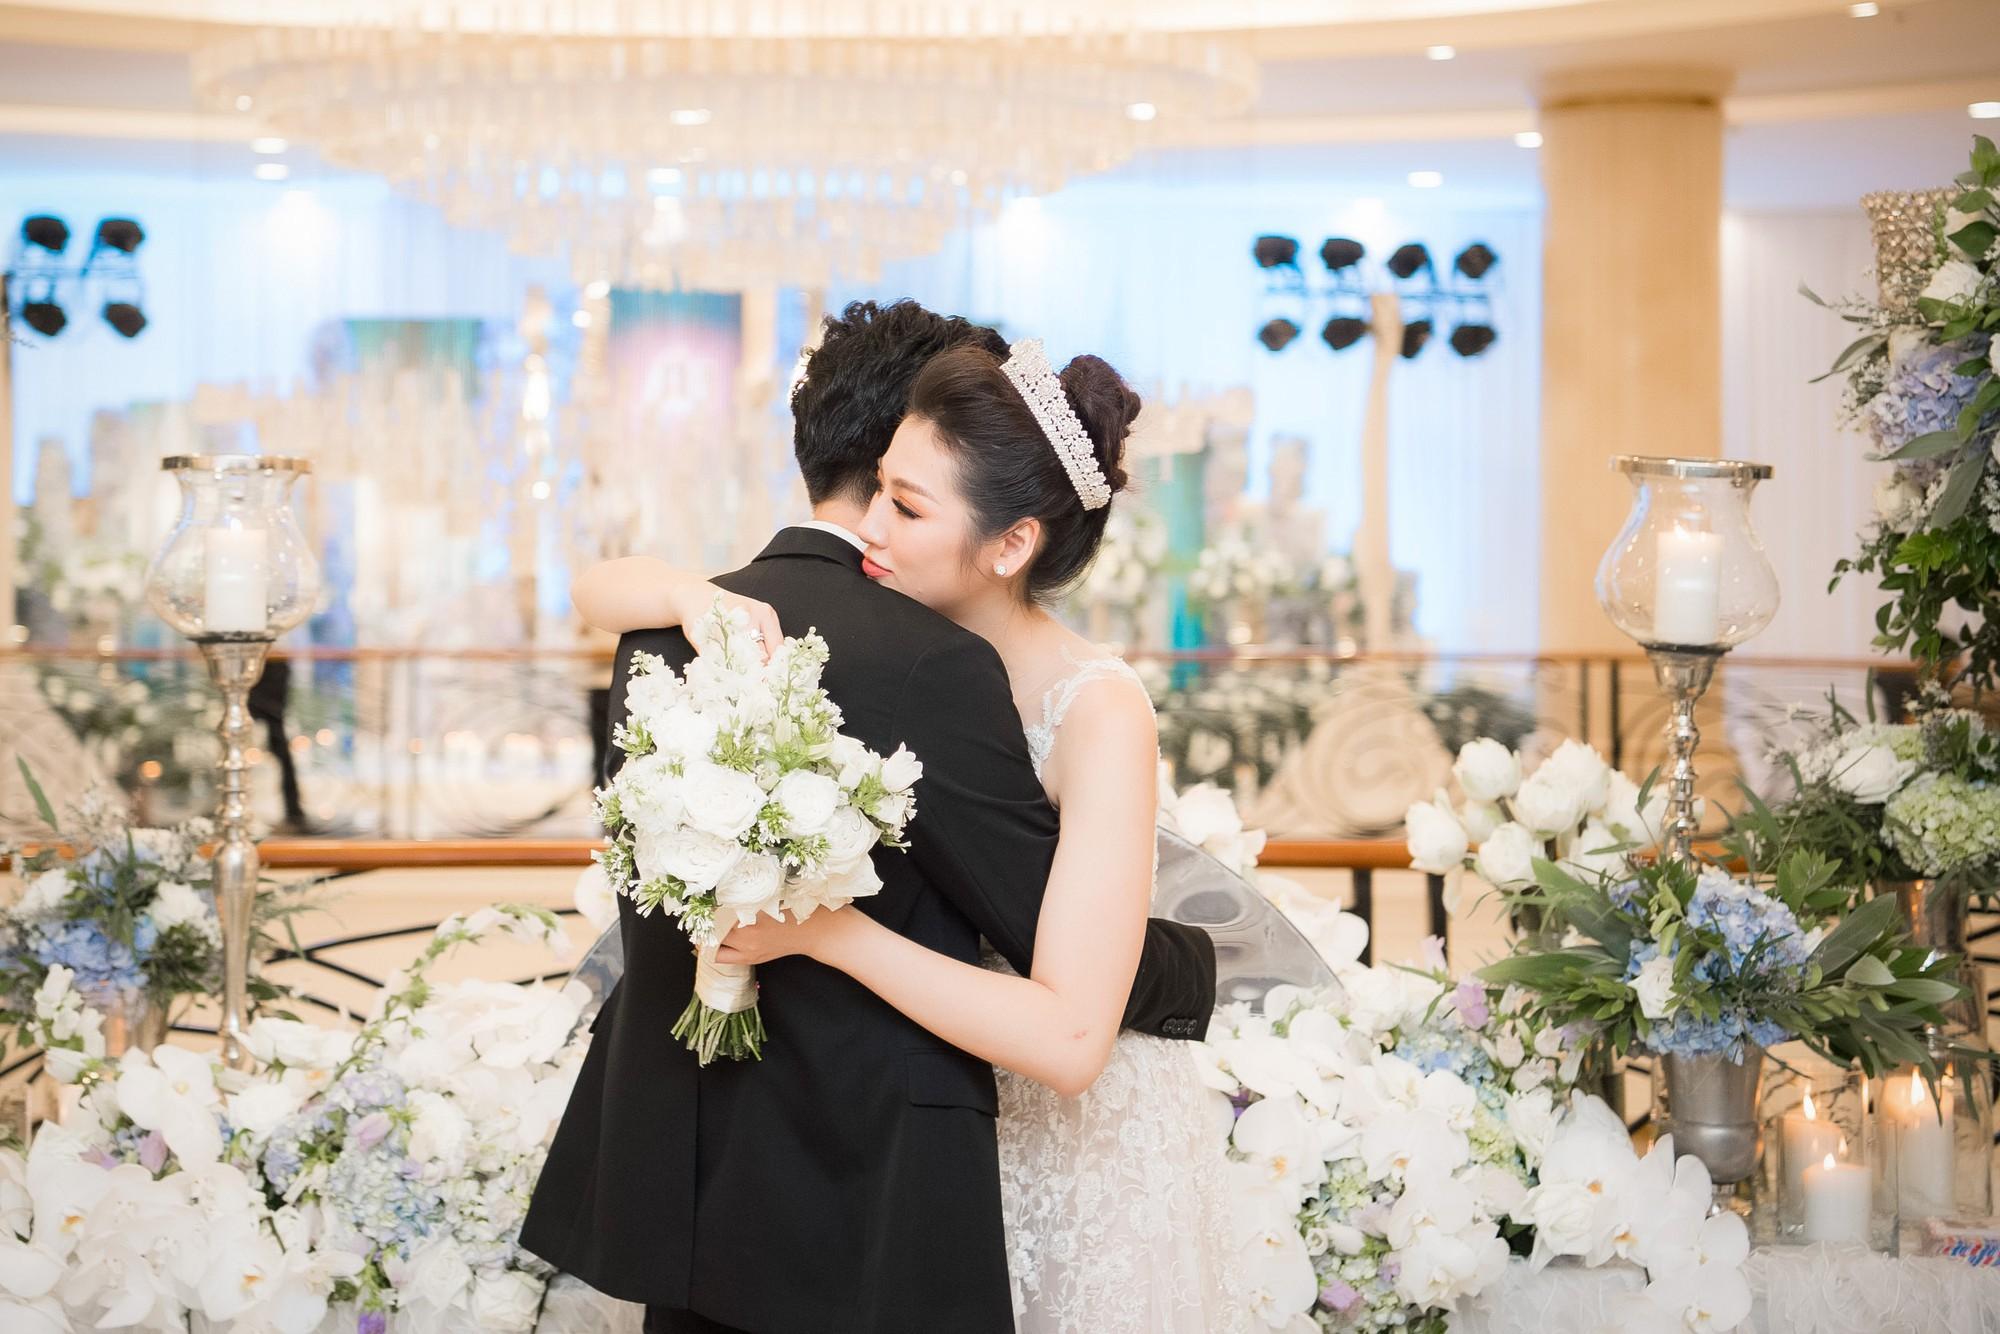 Điểm lại 5 đám cưới đình đám nhất showbiz Việt năm 2018: Xa hoa, lãng mạn và được bảo vệ nghiêm ngặt tới từng chi tiết - Ảnh 12.